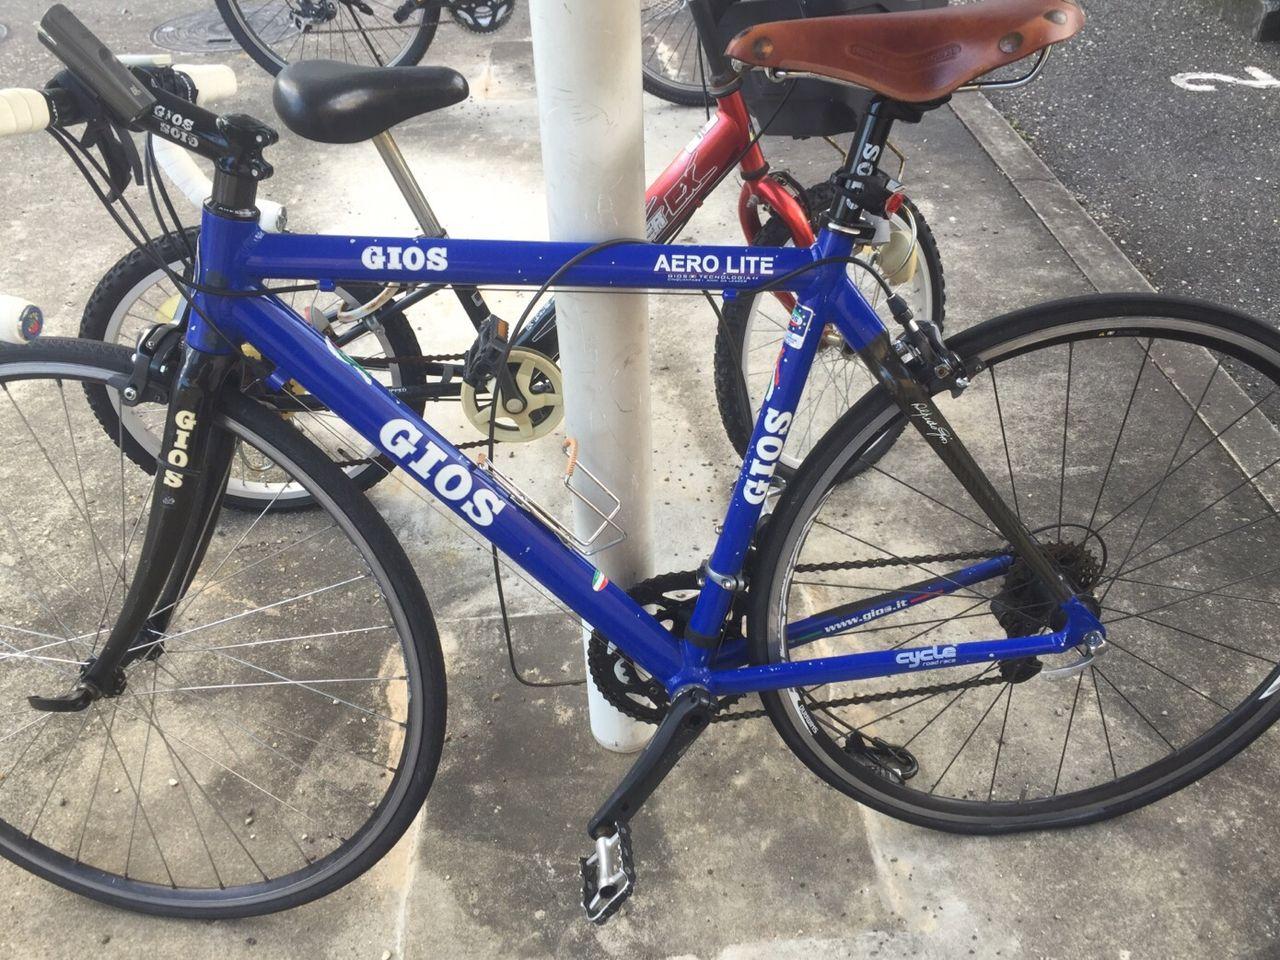 自転車の gios 自転車 評判 : いろいろと評判悪いgiosですww